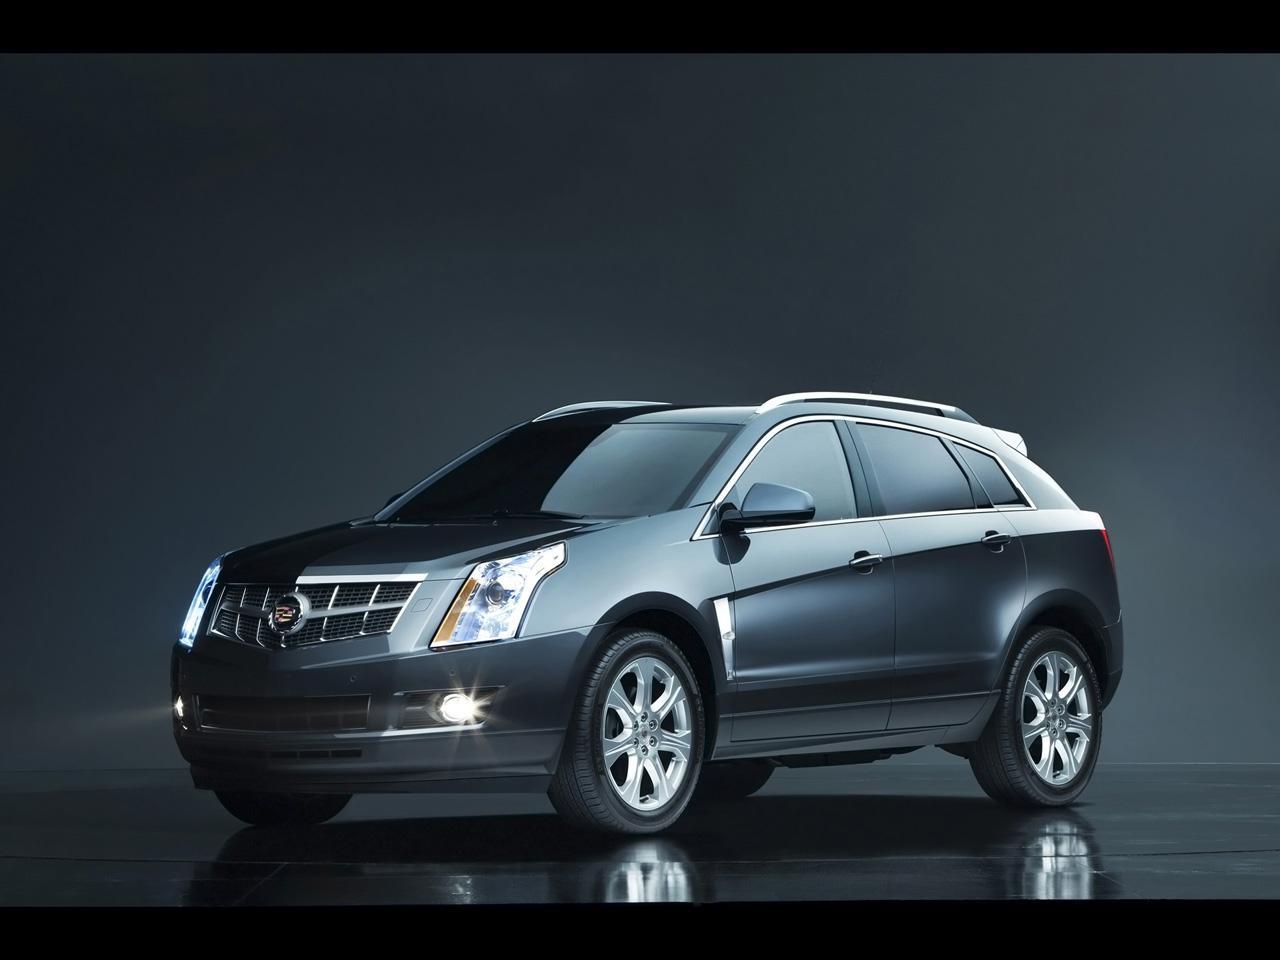 http://3.bp.blogspot.com/-Ftv8Gcpd-w8/TWPbUTXGIsI/AAAAAAAAF3Y/eDFhnz_yBW4/s1600/2011-Cadillac-SRX.jpg